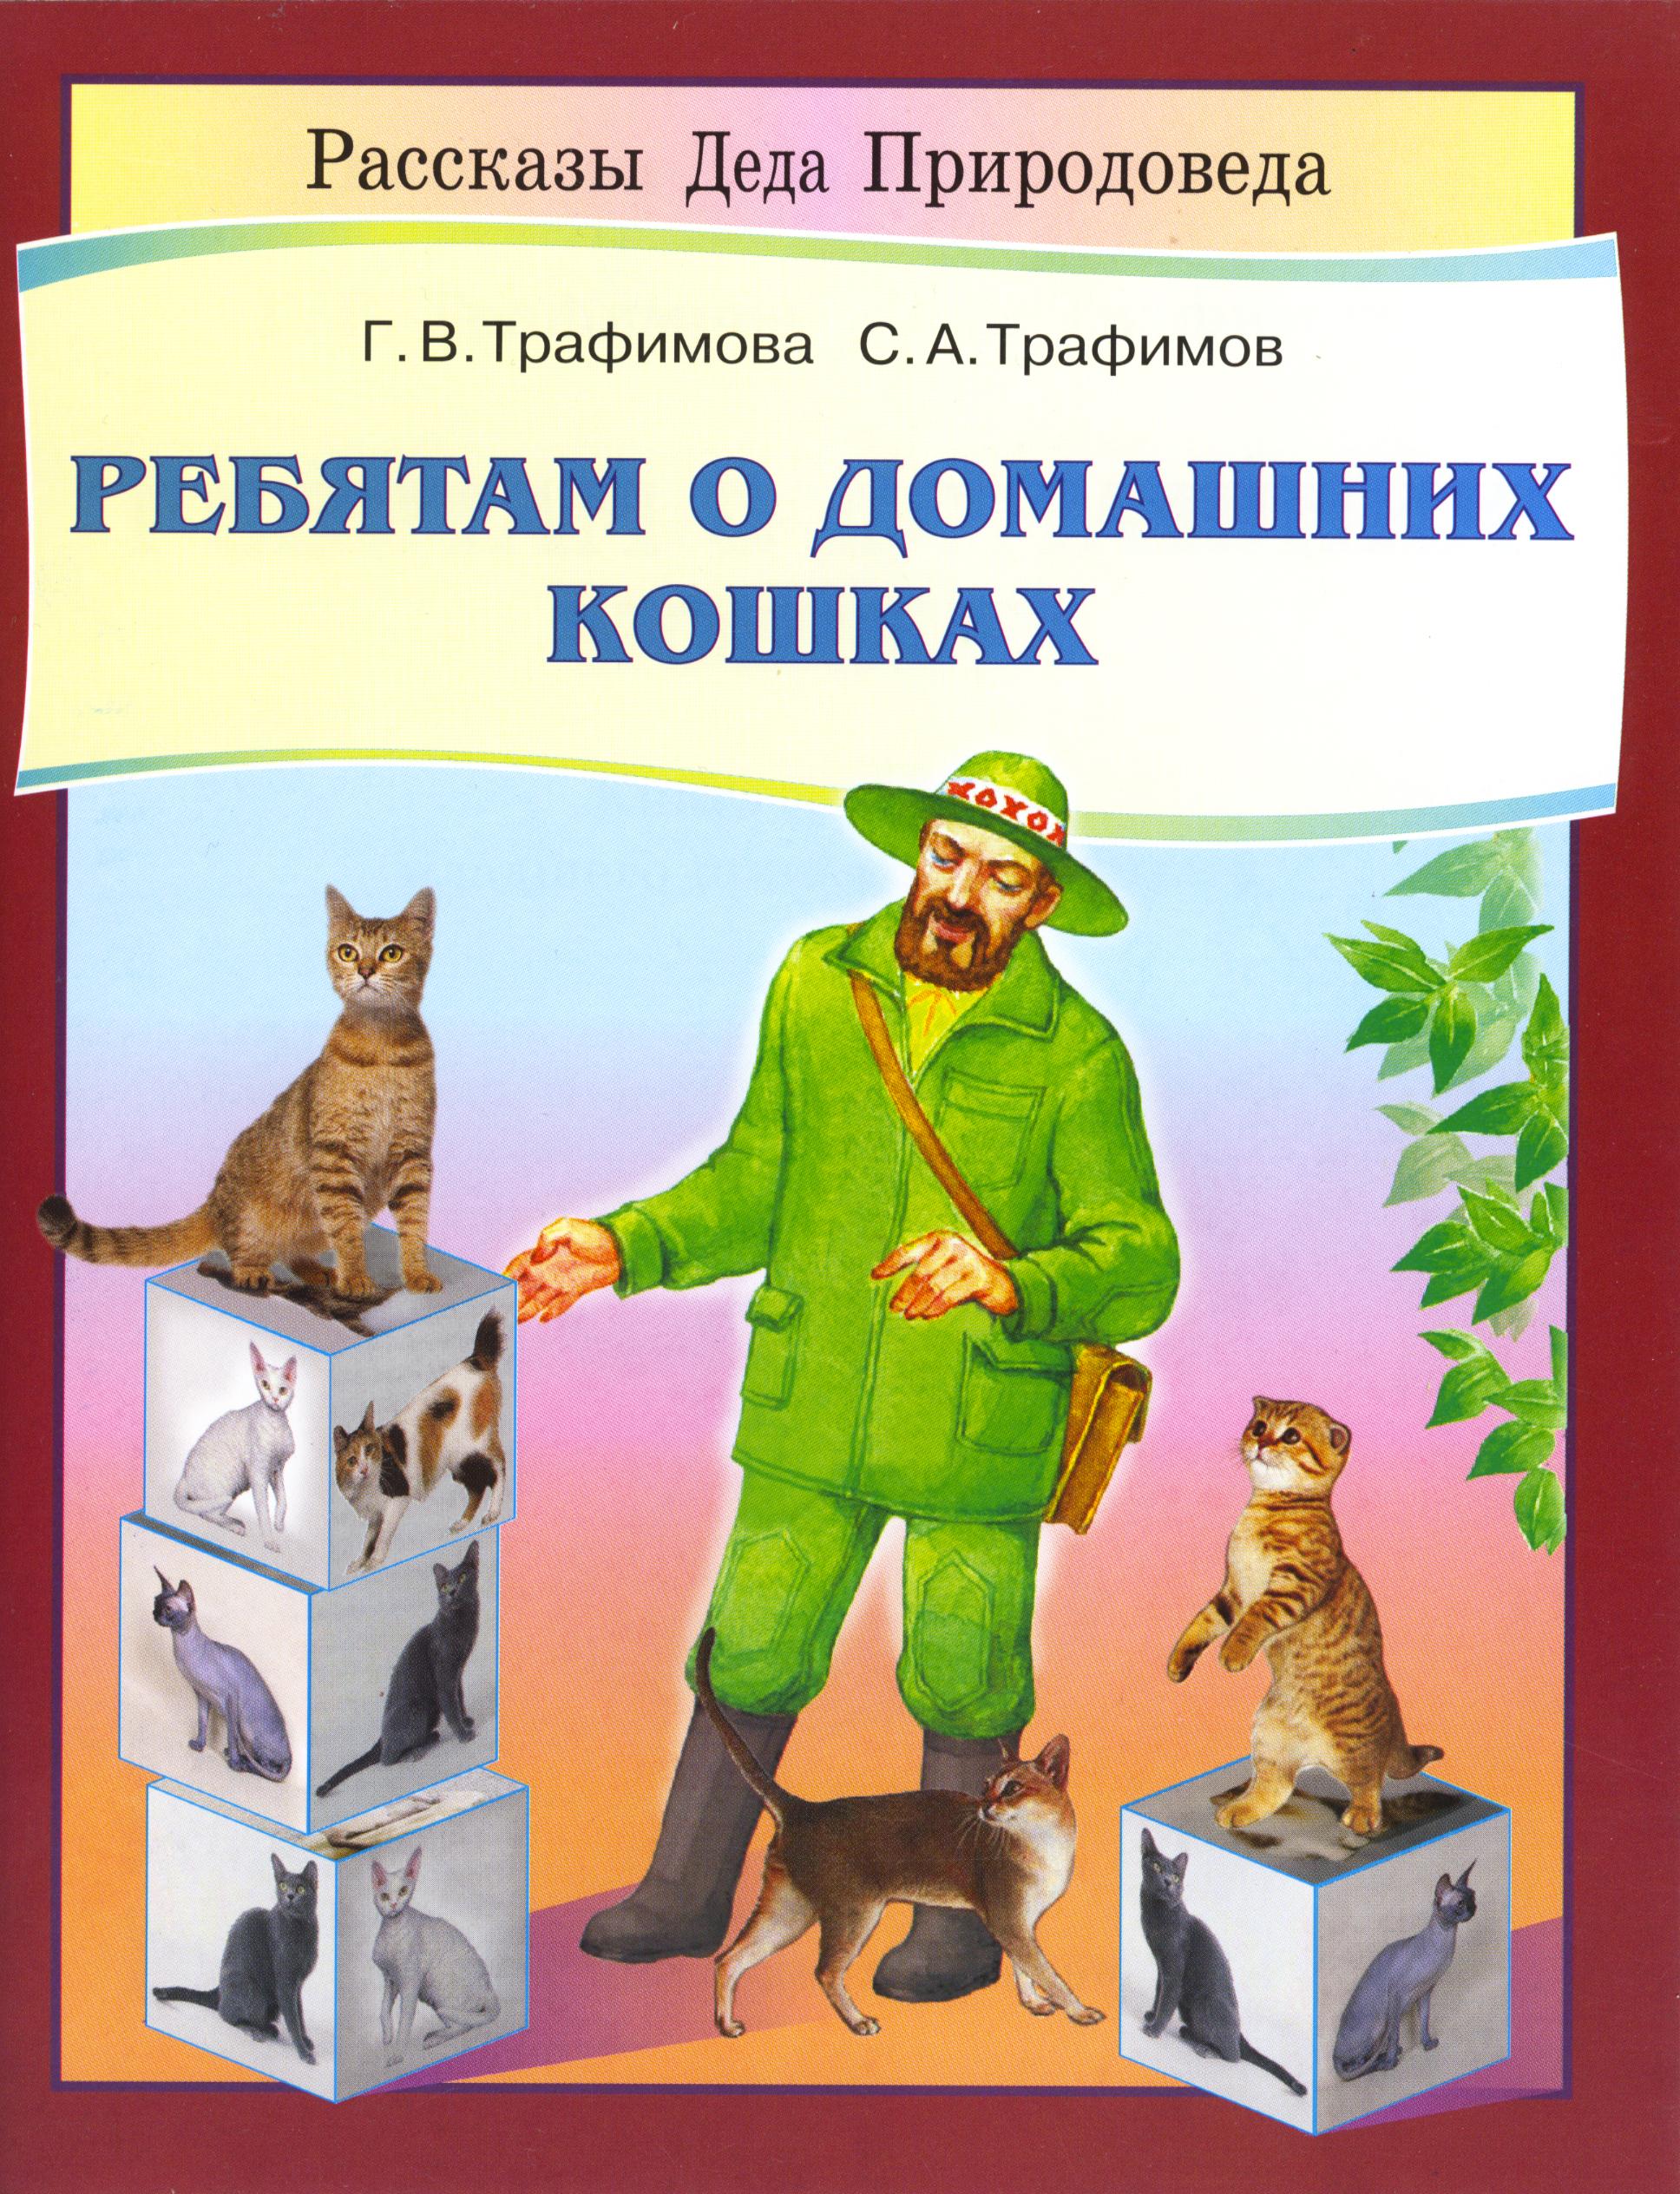 Ребятам о домашних кошках